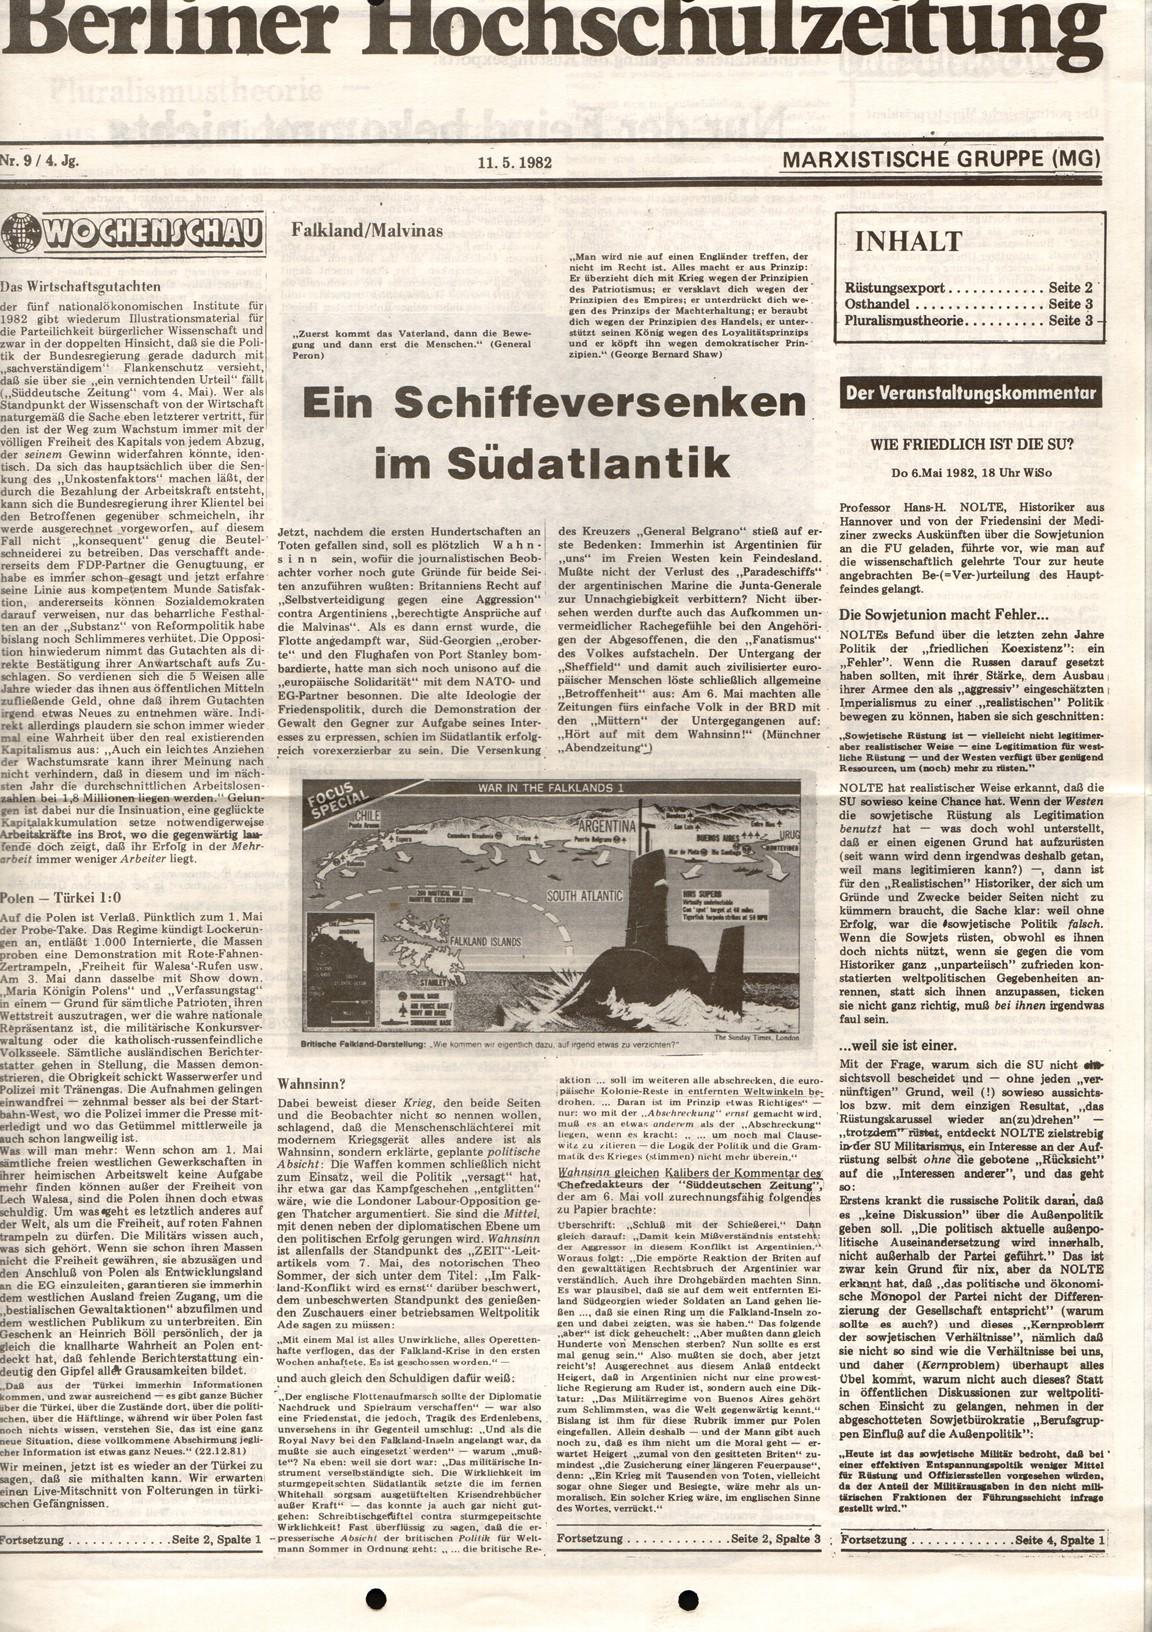 Berlin_MG_Hochschulzeitung_19820511_01